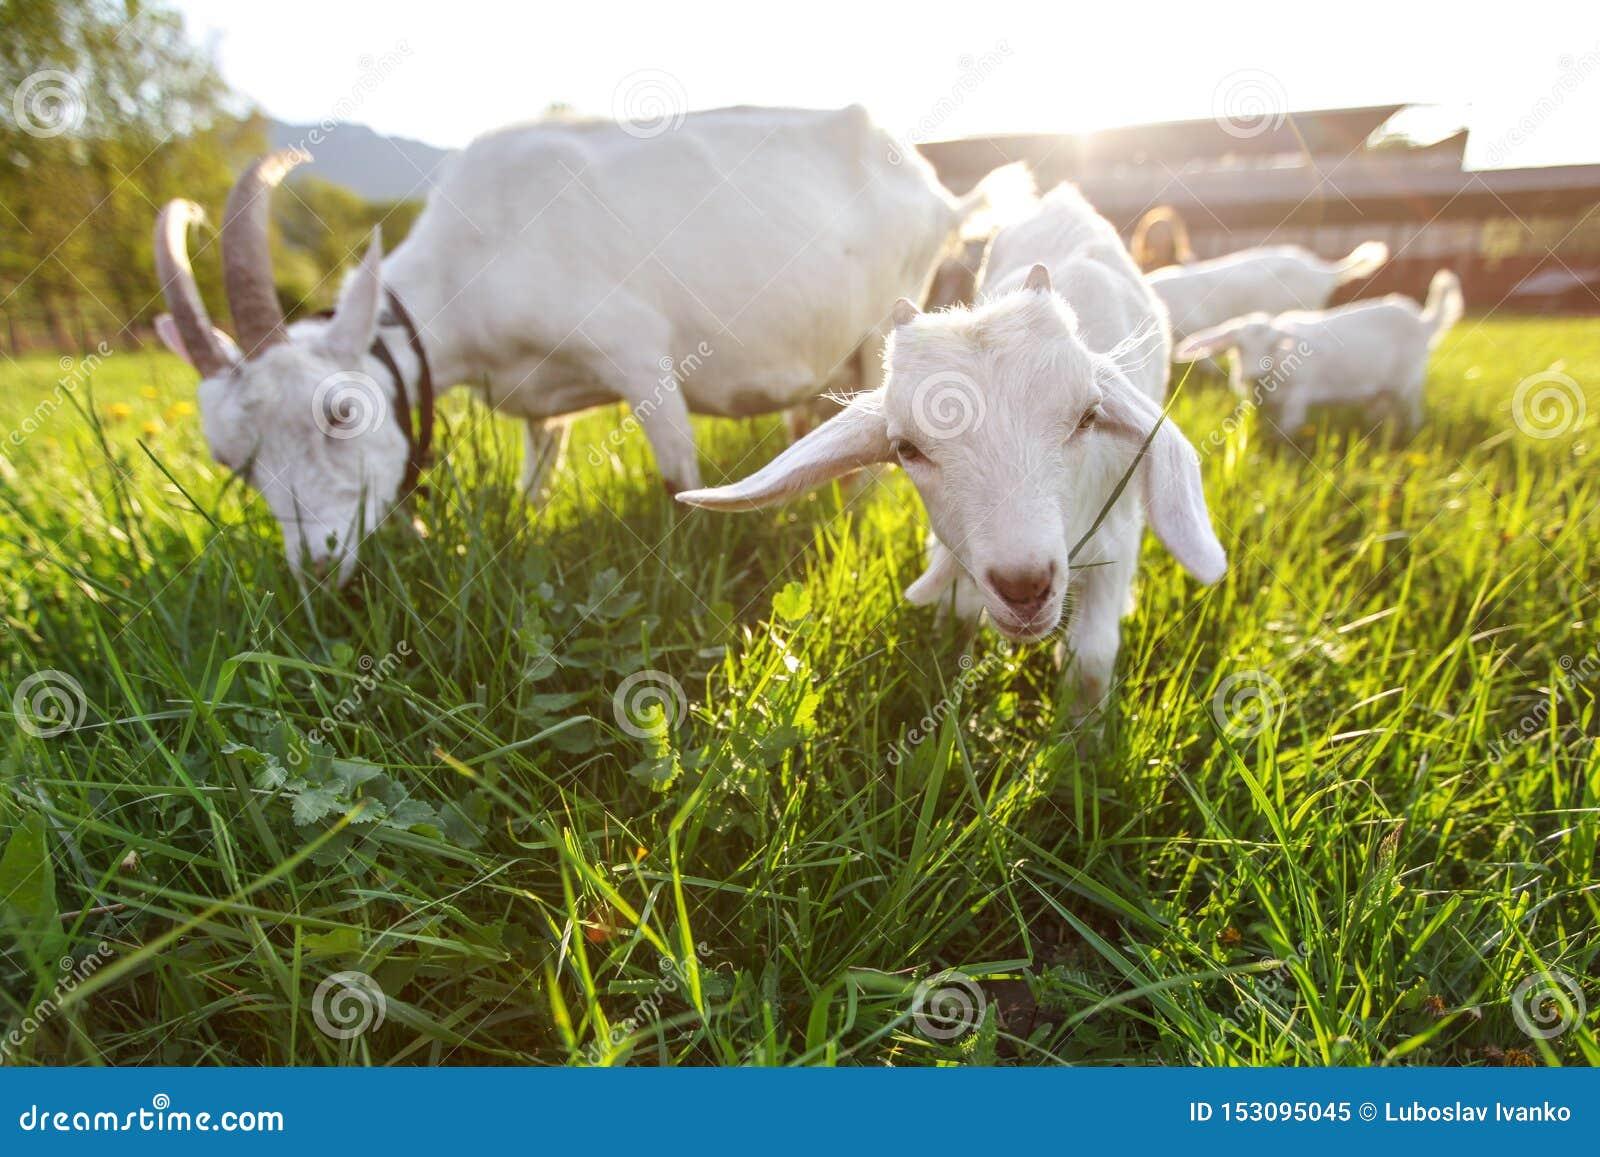 Chèvres frôlant sur l herbe fraîche, basse photo grande-angulaire avec le contre-jour fort du soleil